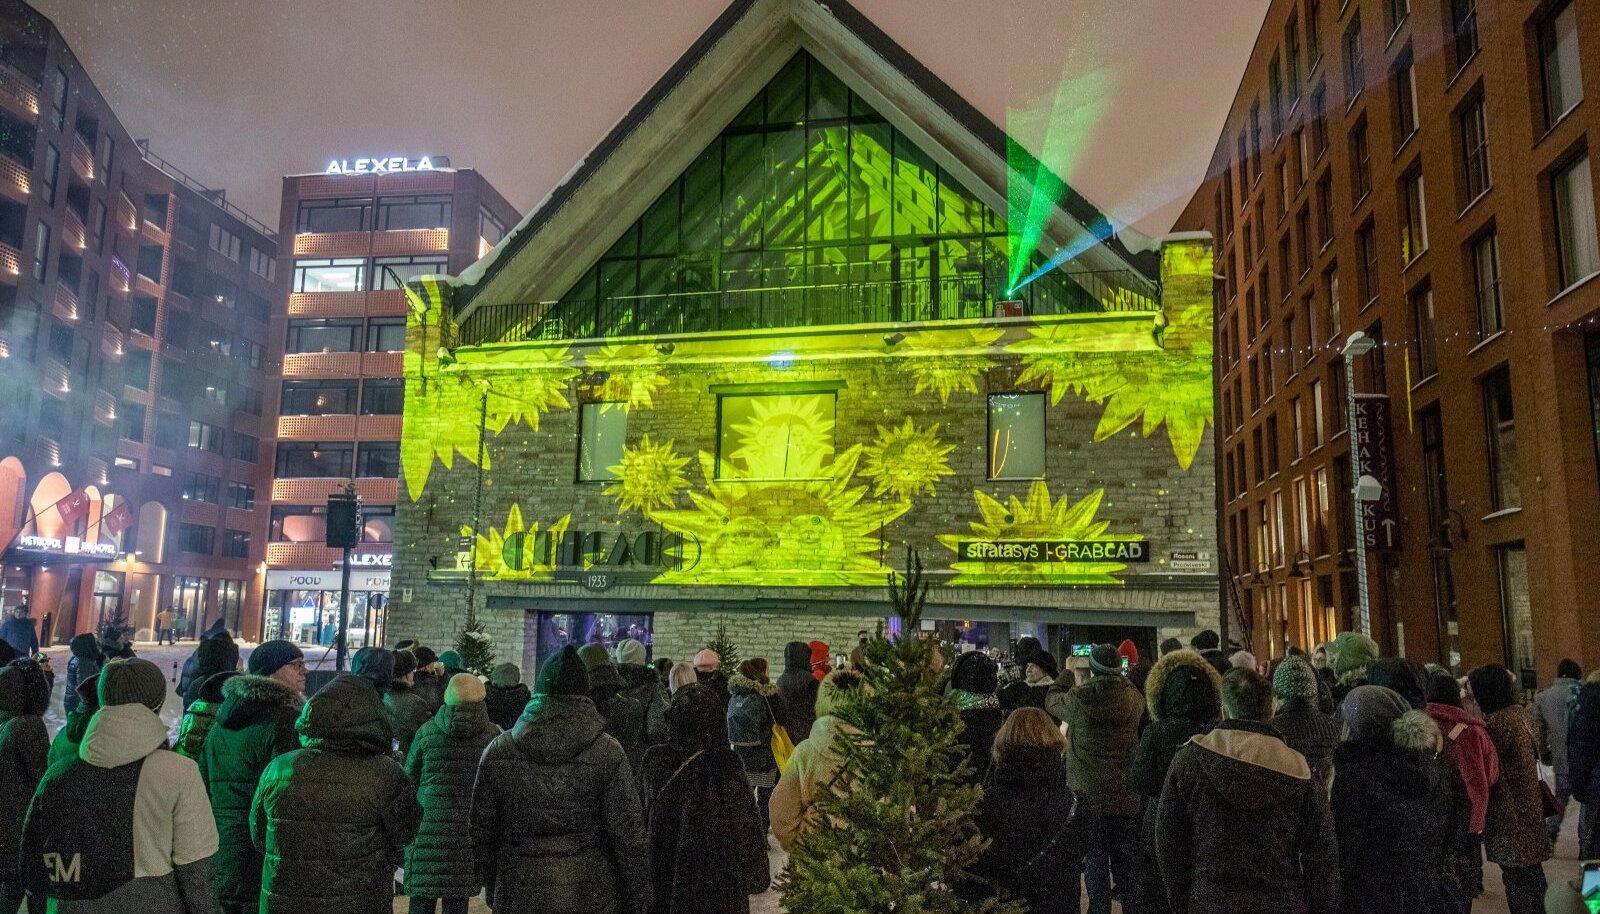 Pühvliaasta tähistamine Rottermanni kvartalis 12.02.2021